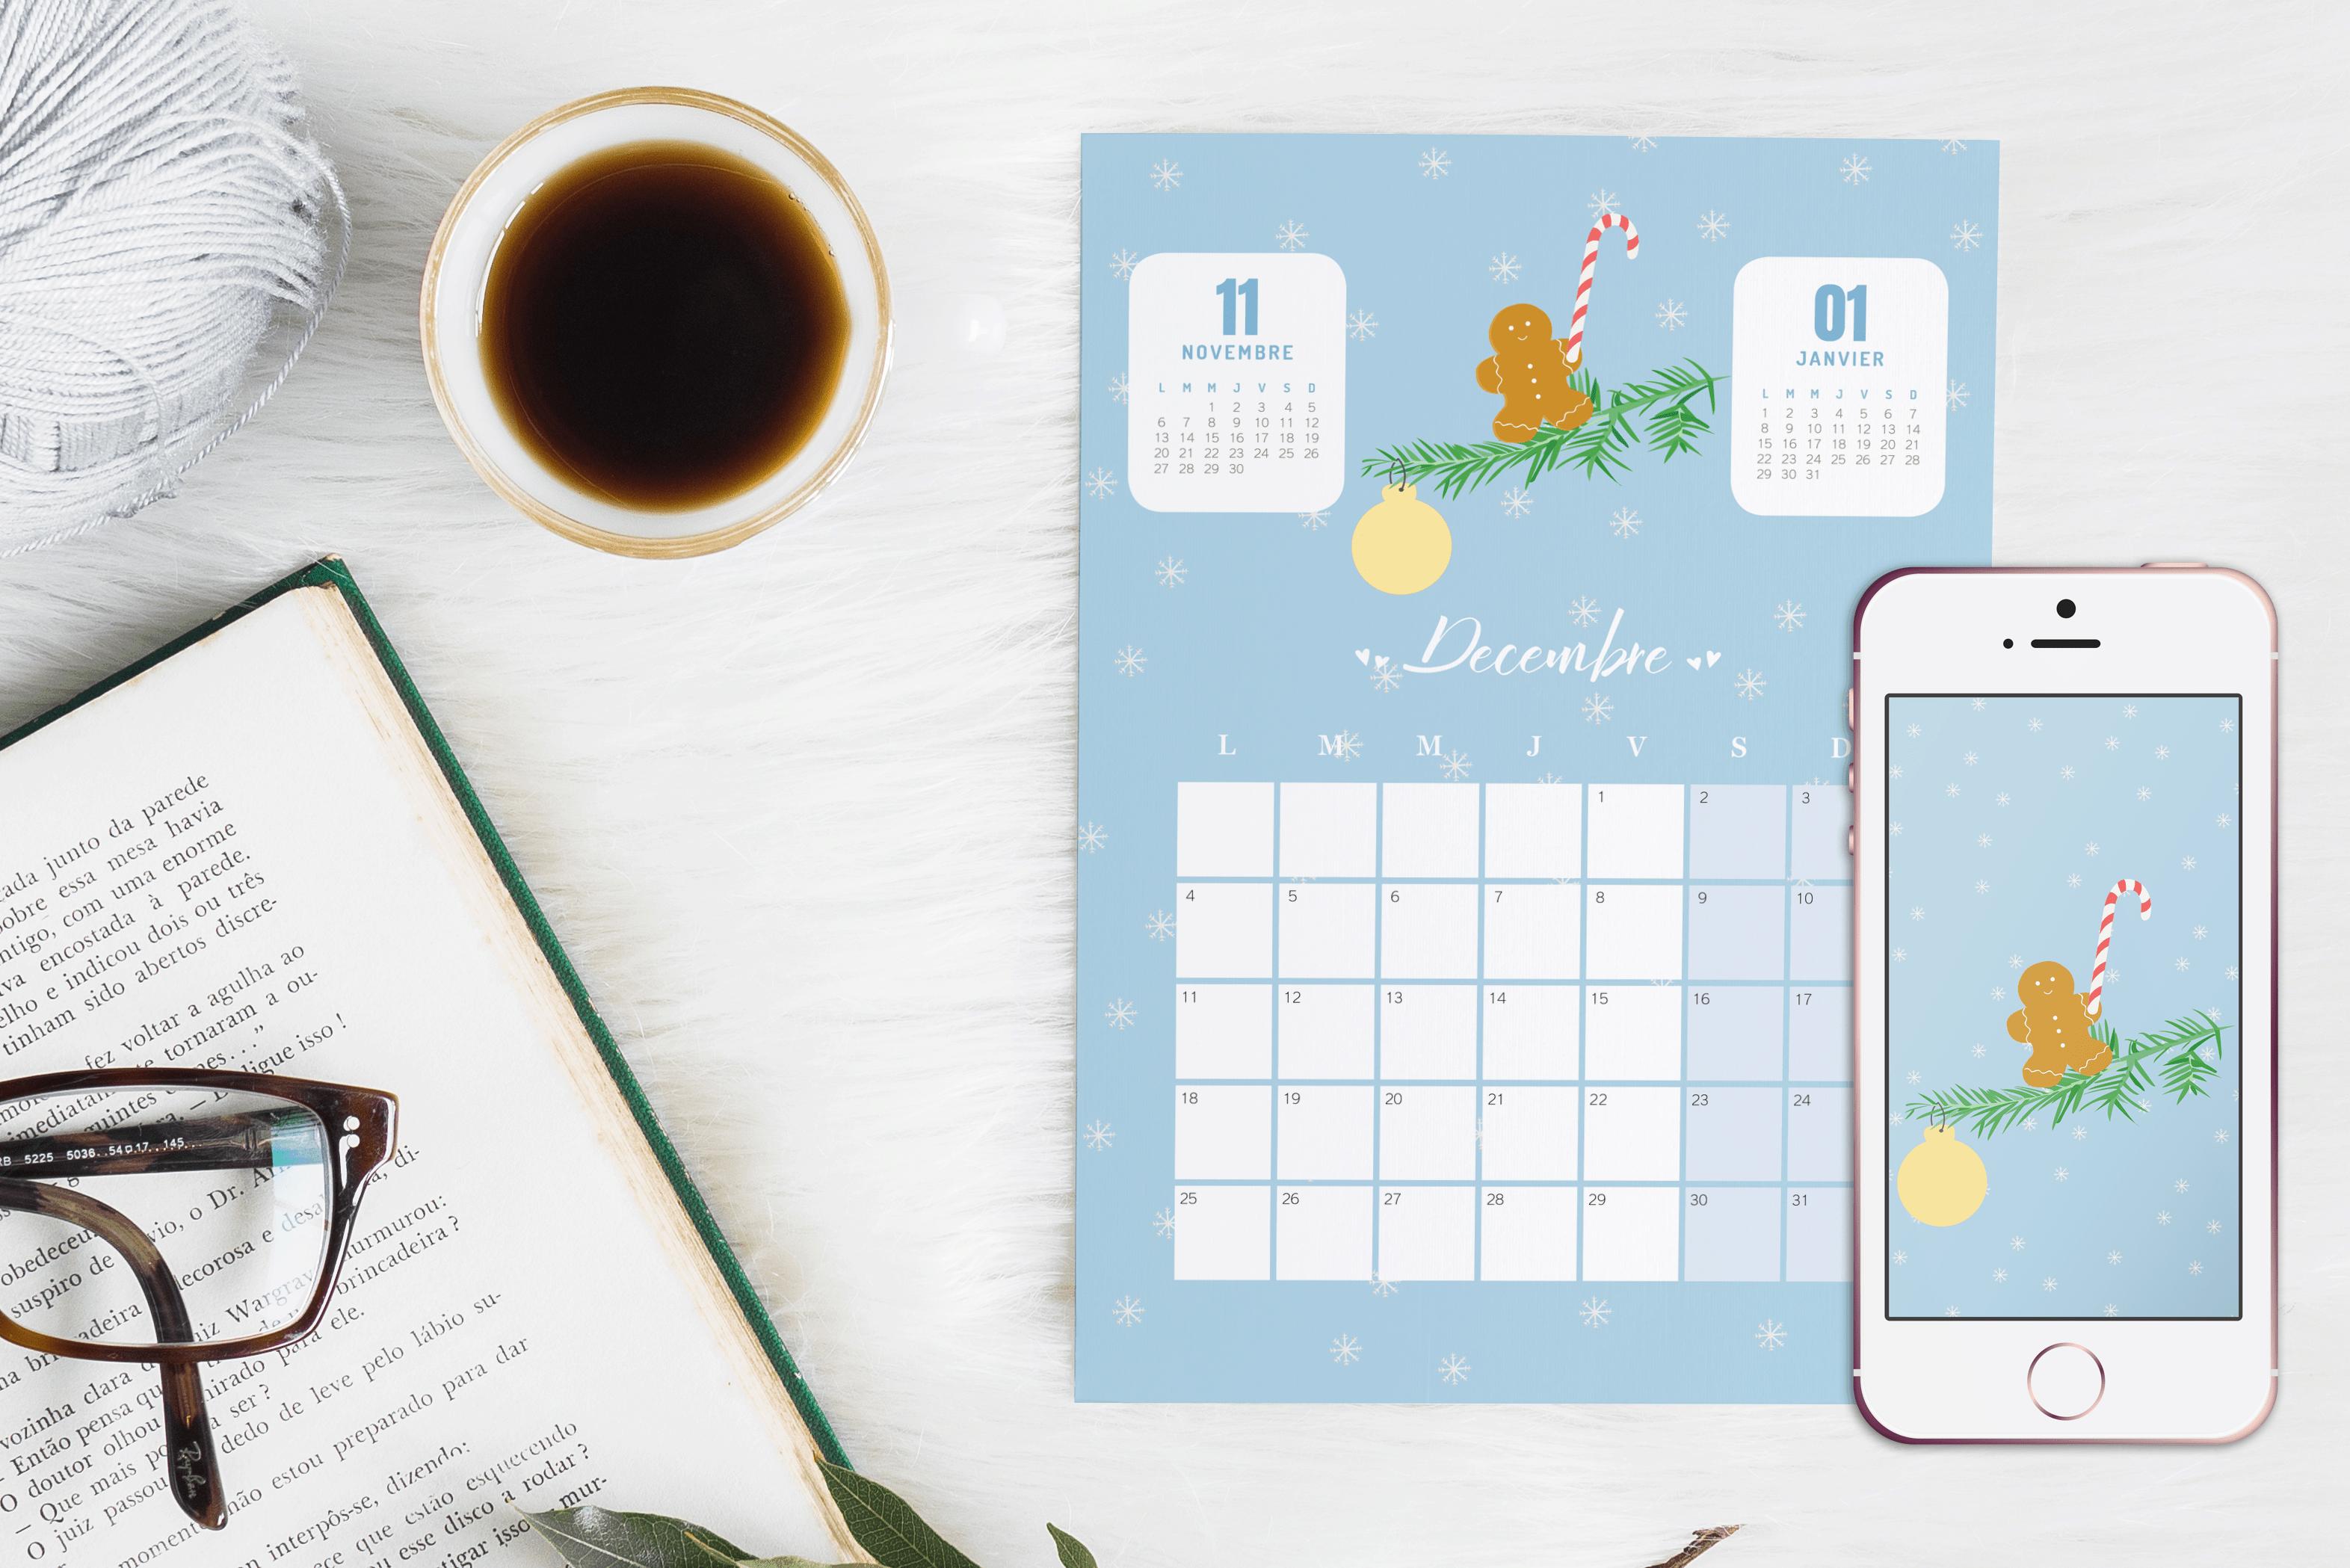 Le calendrier du mois de décembre et son fond d'écran #decembrefondecran